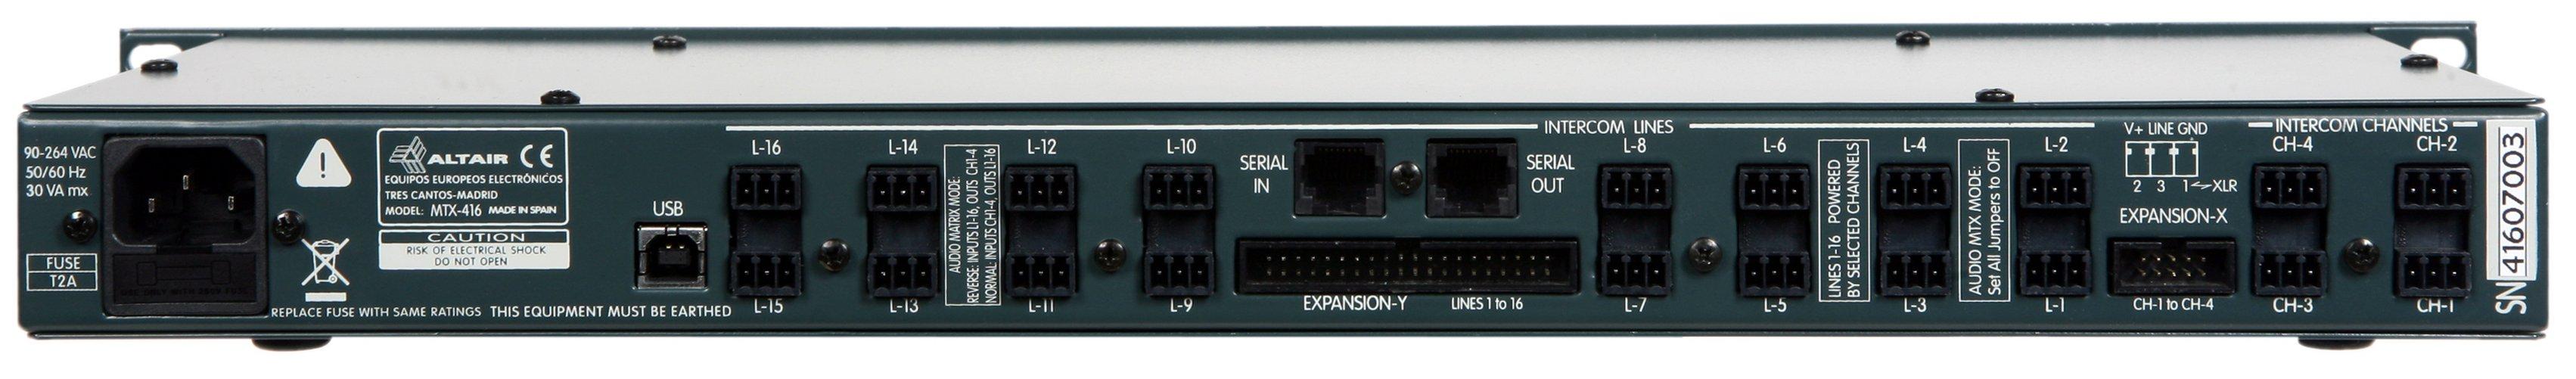 MTX-416